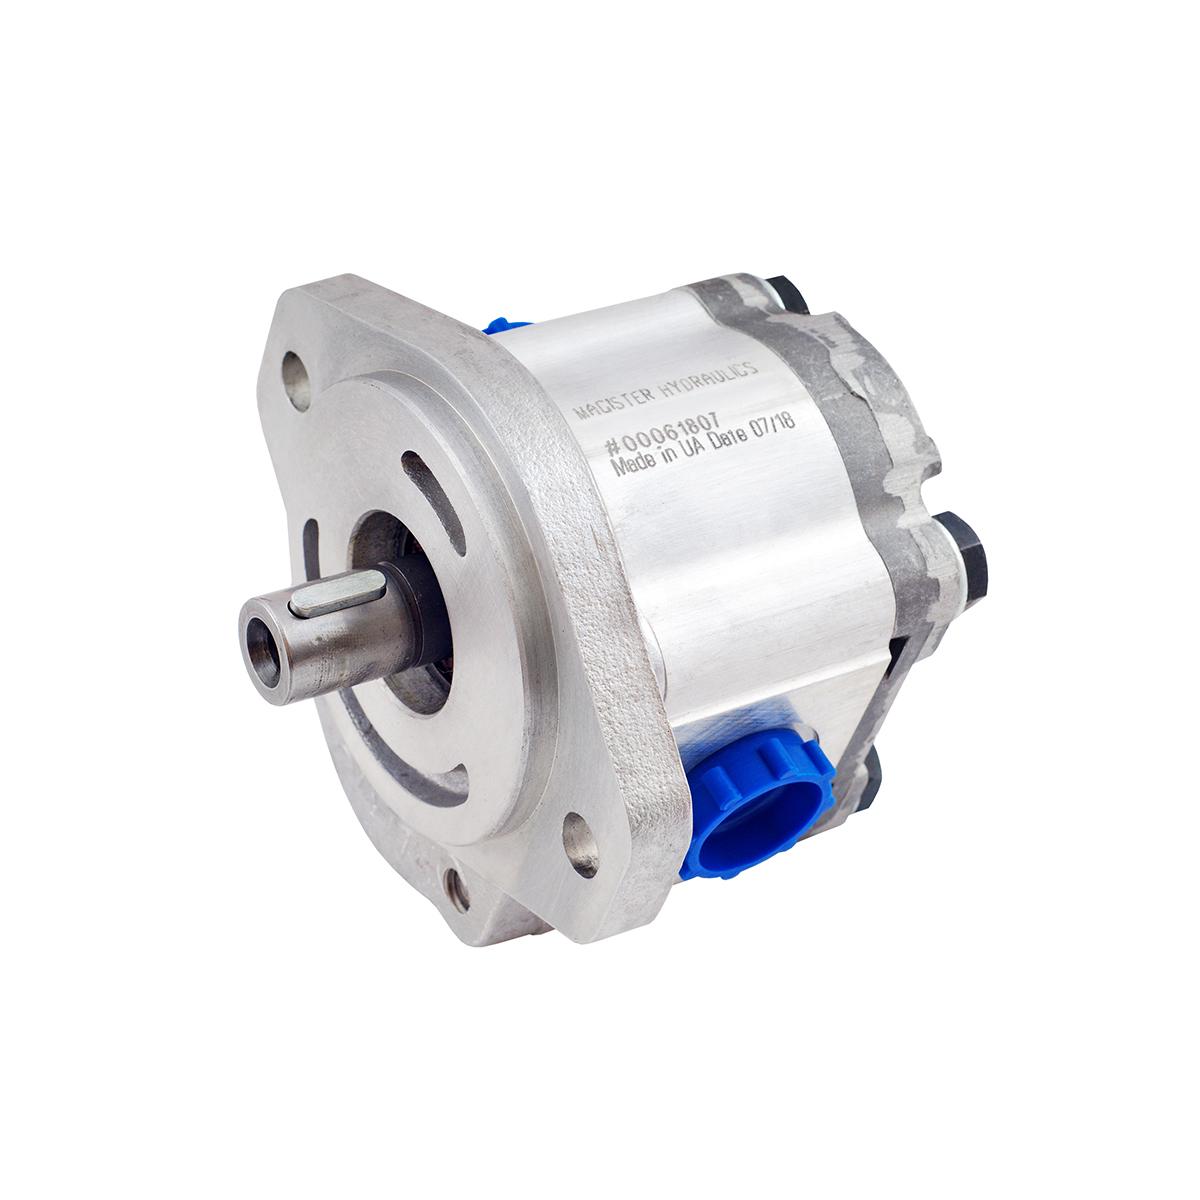 1.22 CID hydraulic gear pump, 5/8 keyed shaft counter-clockwise gear pump | Magister Hydraulics